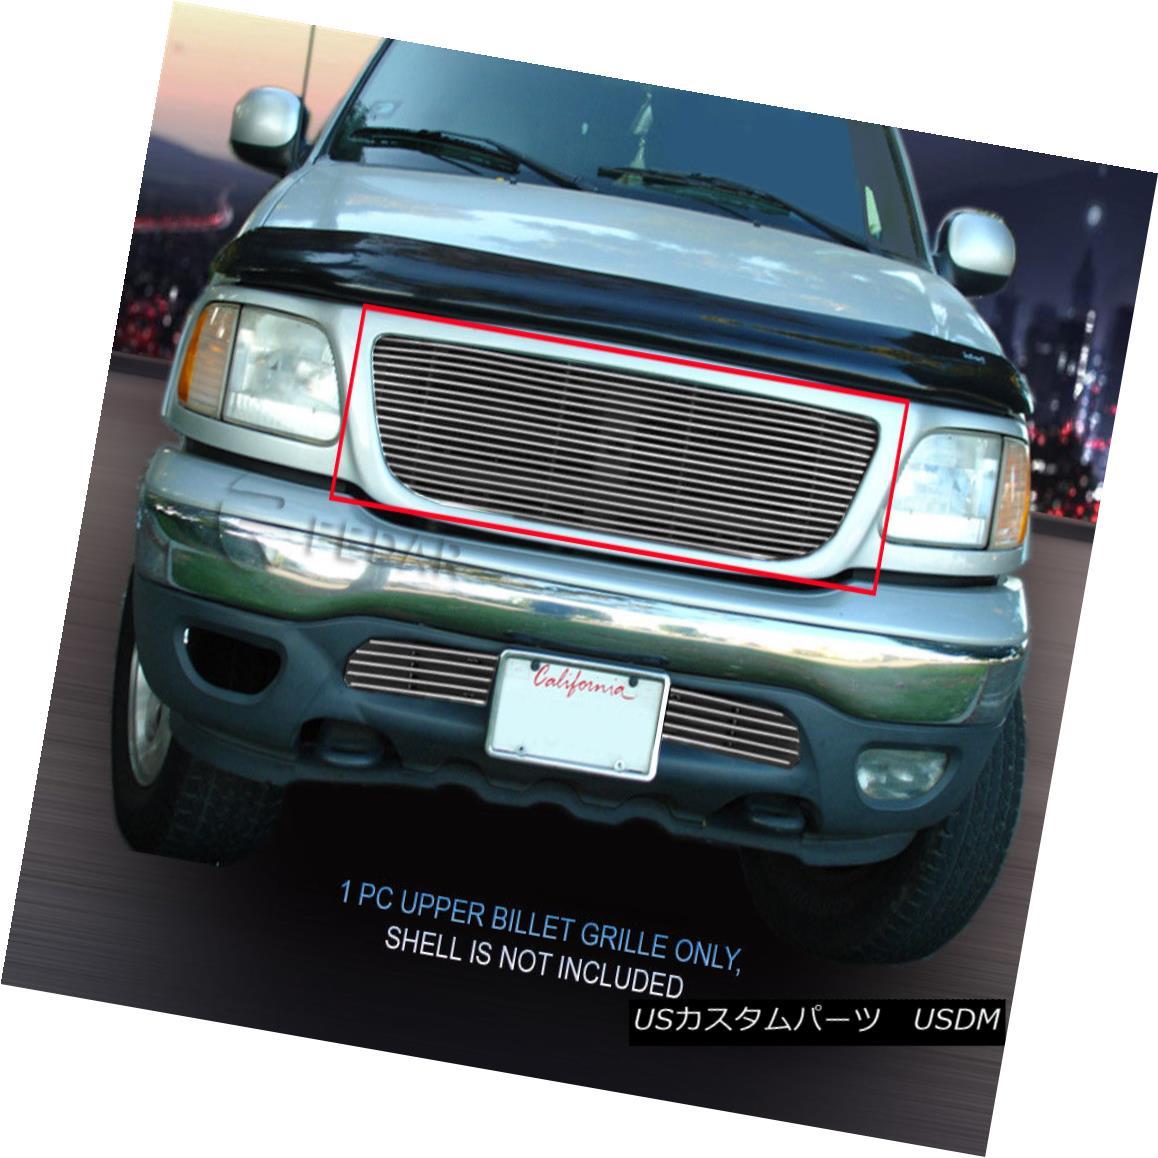 グリル 99-03 Ford F-150 99-02 Expedition Billet Grille Grill Insert Fedar 99-03 Ford F-150 99-02遠征ビレットグリルグリルインサートFedar